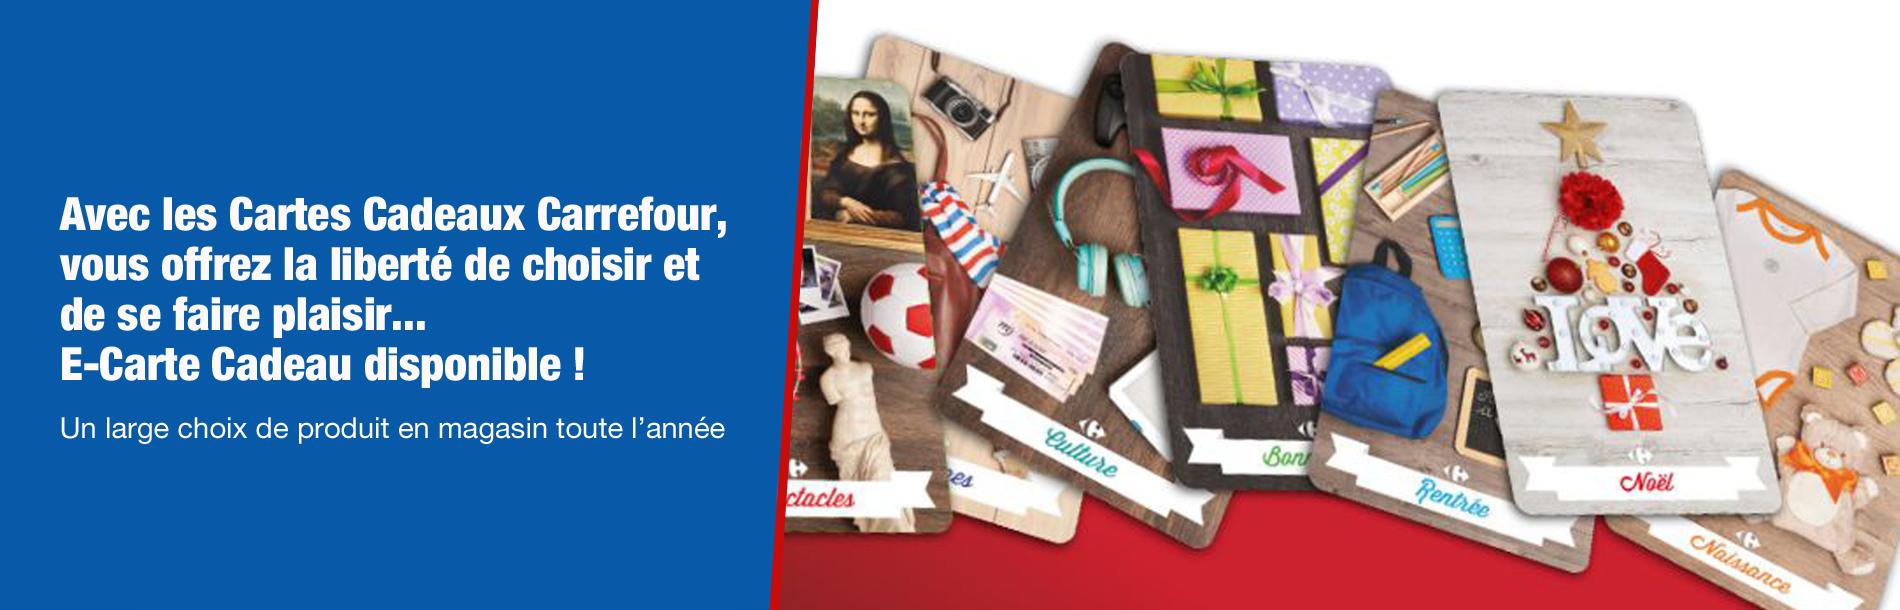 Carte Hypermarche Carrefour.Carte Cadeaux Carrefour Carrefour Pro